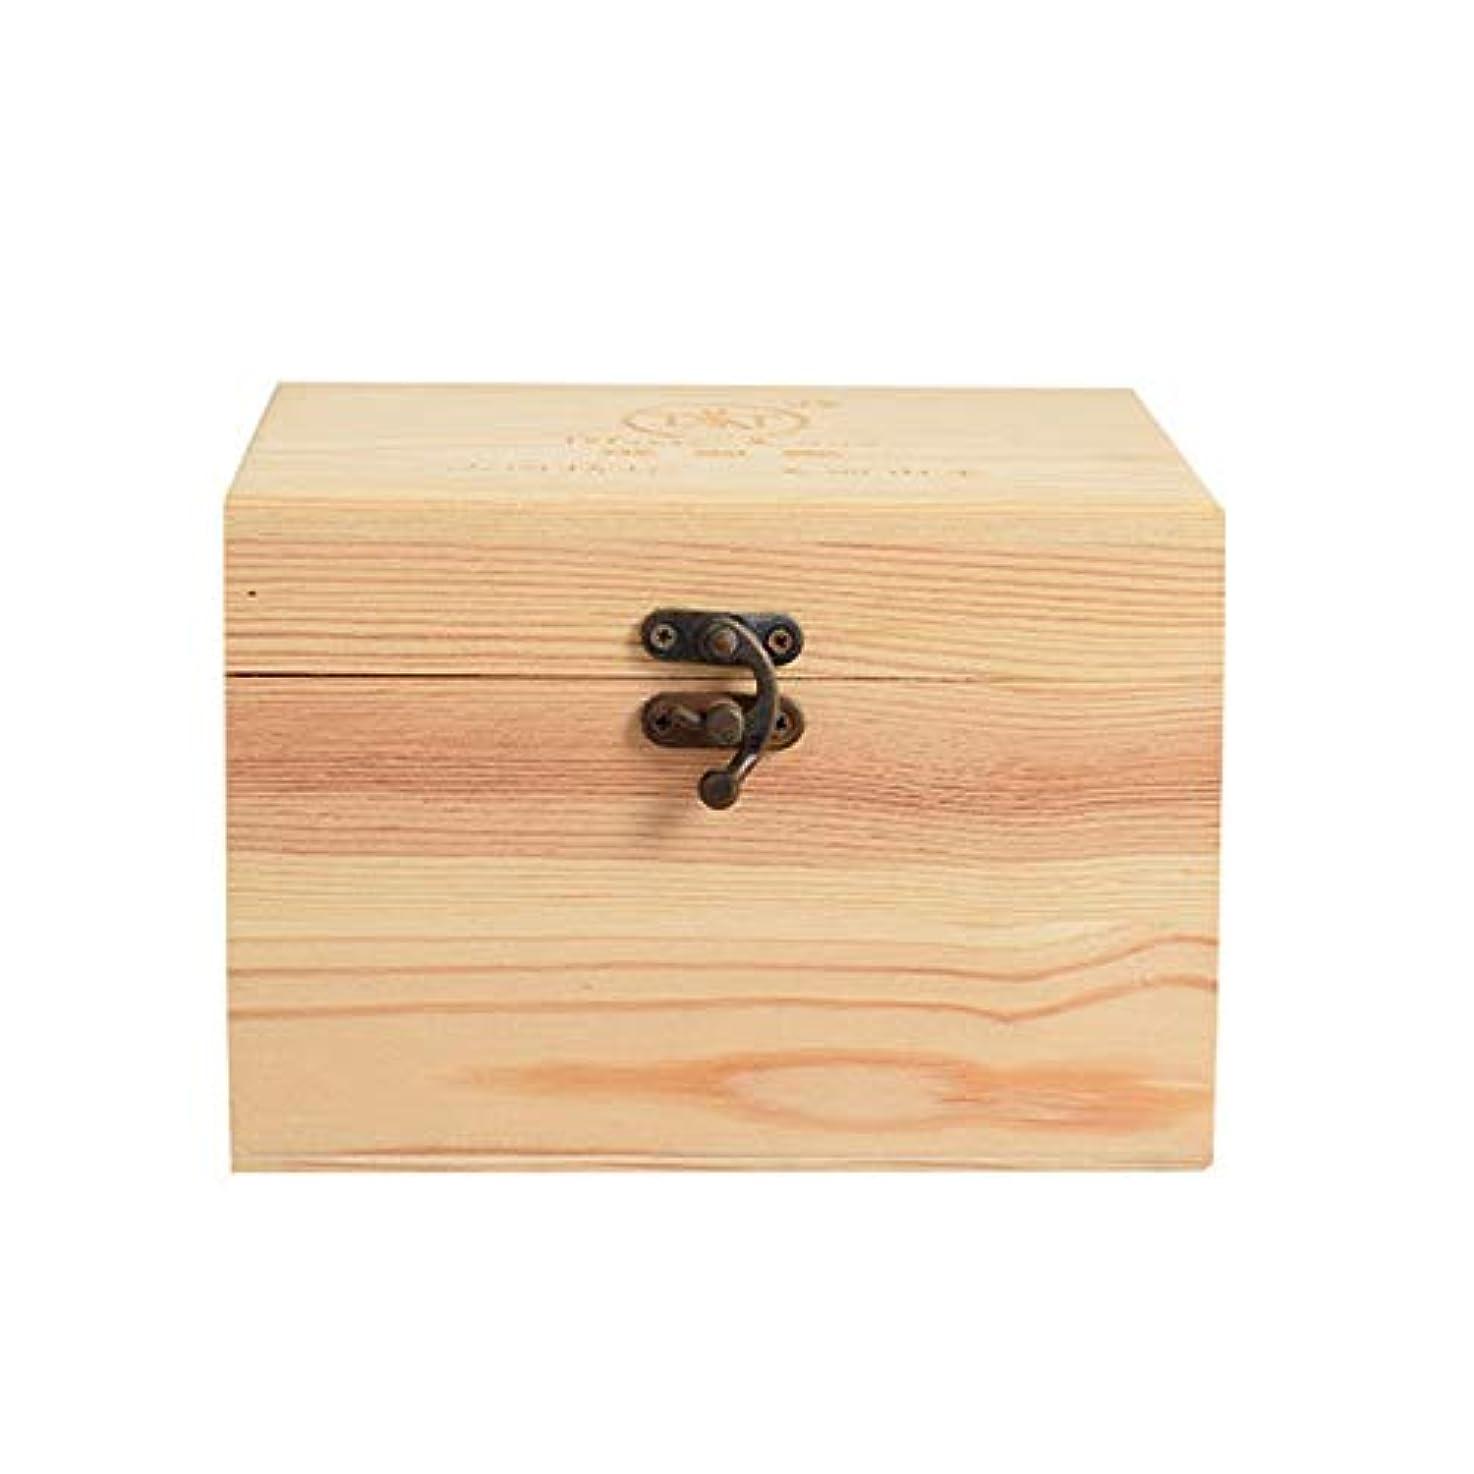 どうやってはねかける美的プレゼンテーションのために9ボトル木製エッセンシャルオイルストレージボックスパーフェクトエッセンシャルオイルケースは被害太陽光からあなたの油を保護します アロマセラピー製品 (色 : Natural, サイズ : 16.5X11.5X15CM)